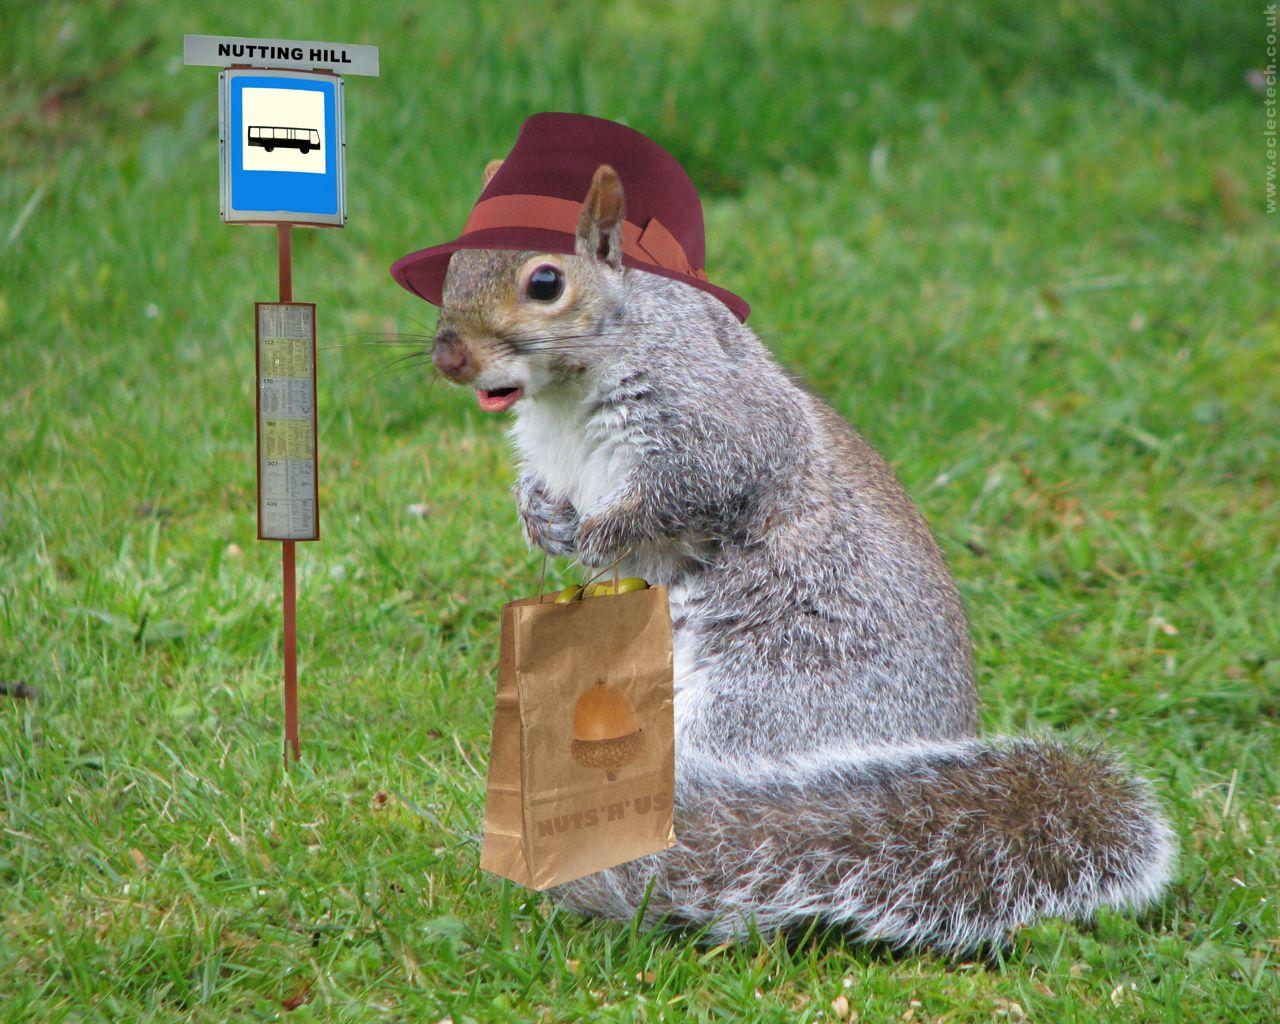 Cute squirrels in love - photo#20